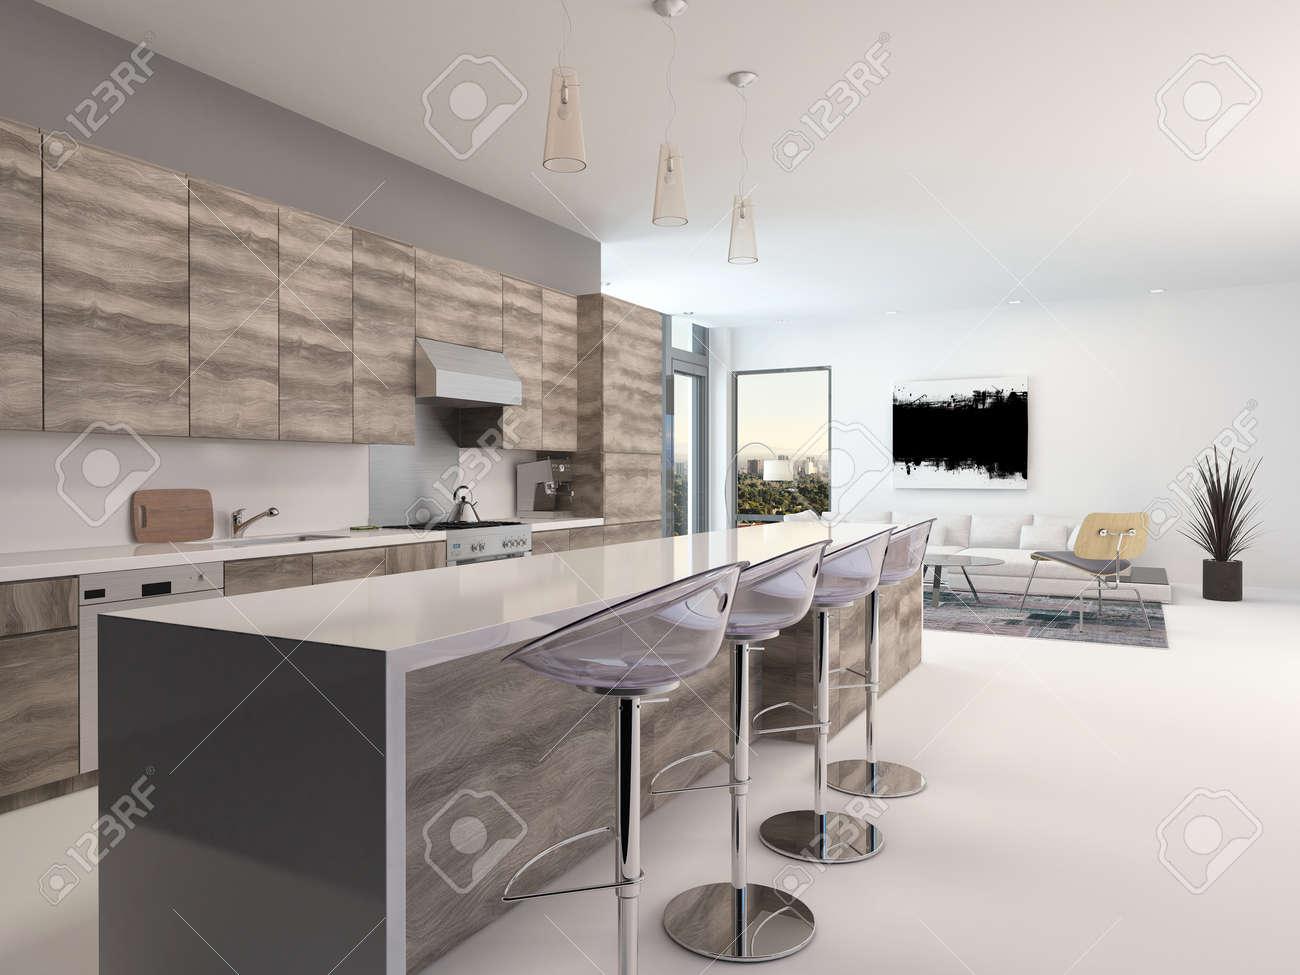 Bancone cucina con sgabelli awesome sgabello design moderno sedia